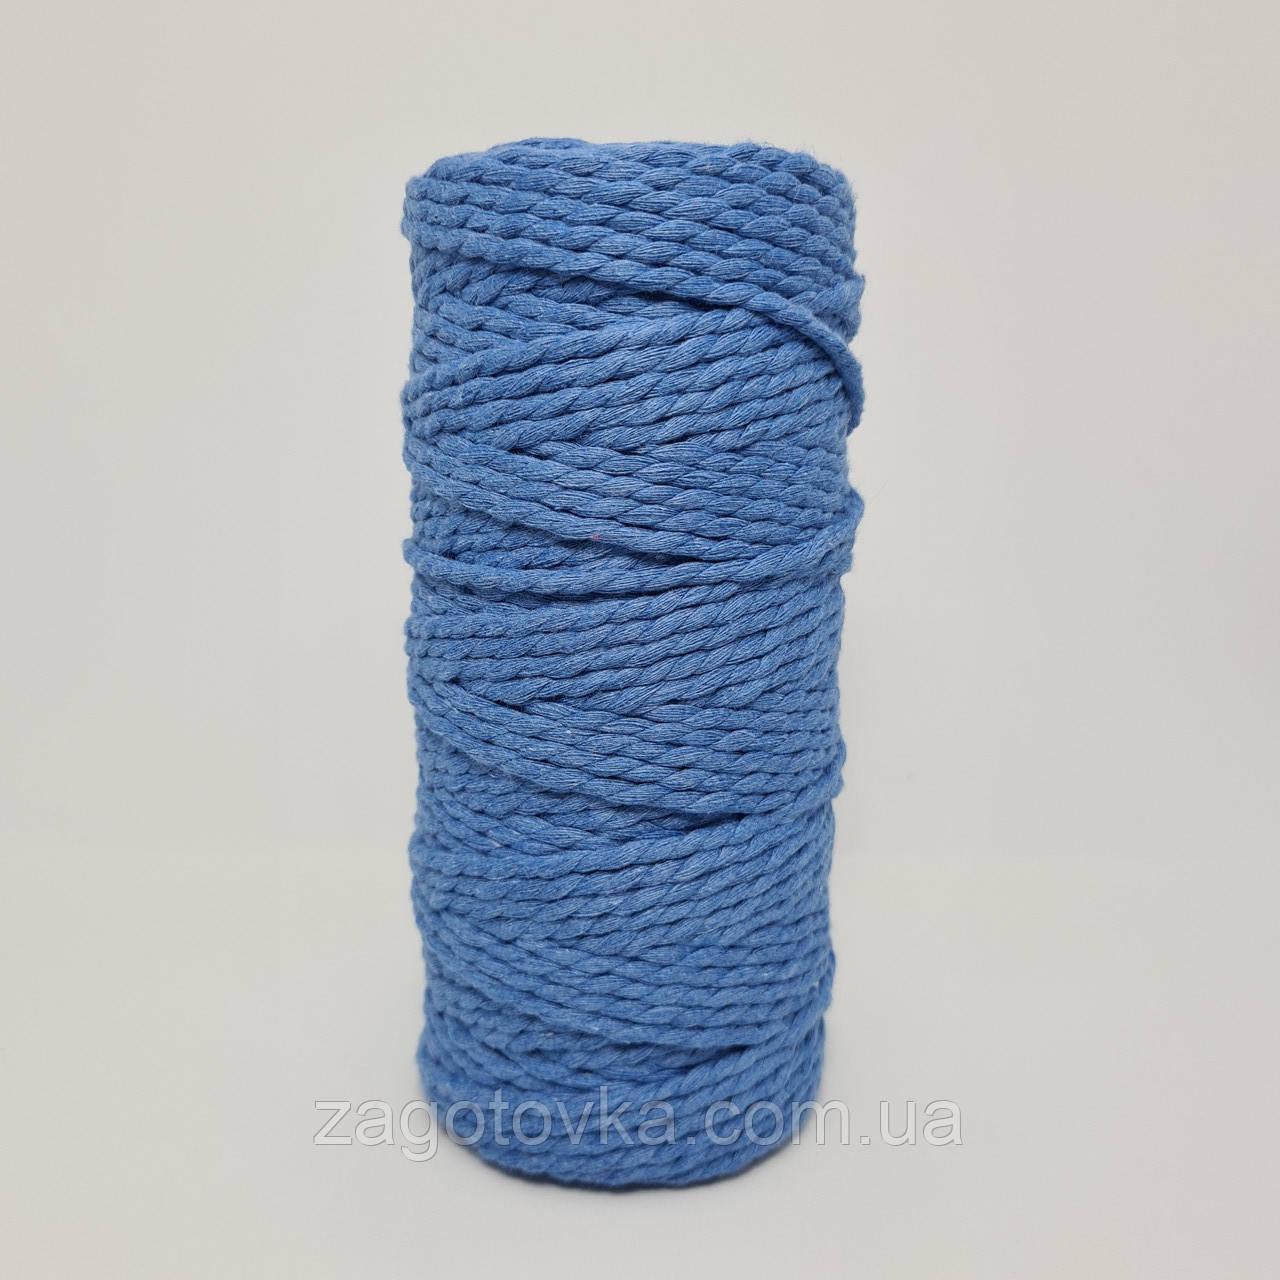 Еко шнур бавовняний крученный 4мм №43 Світло-синій